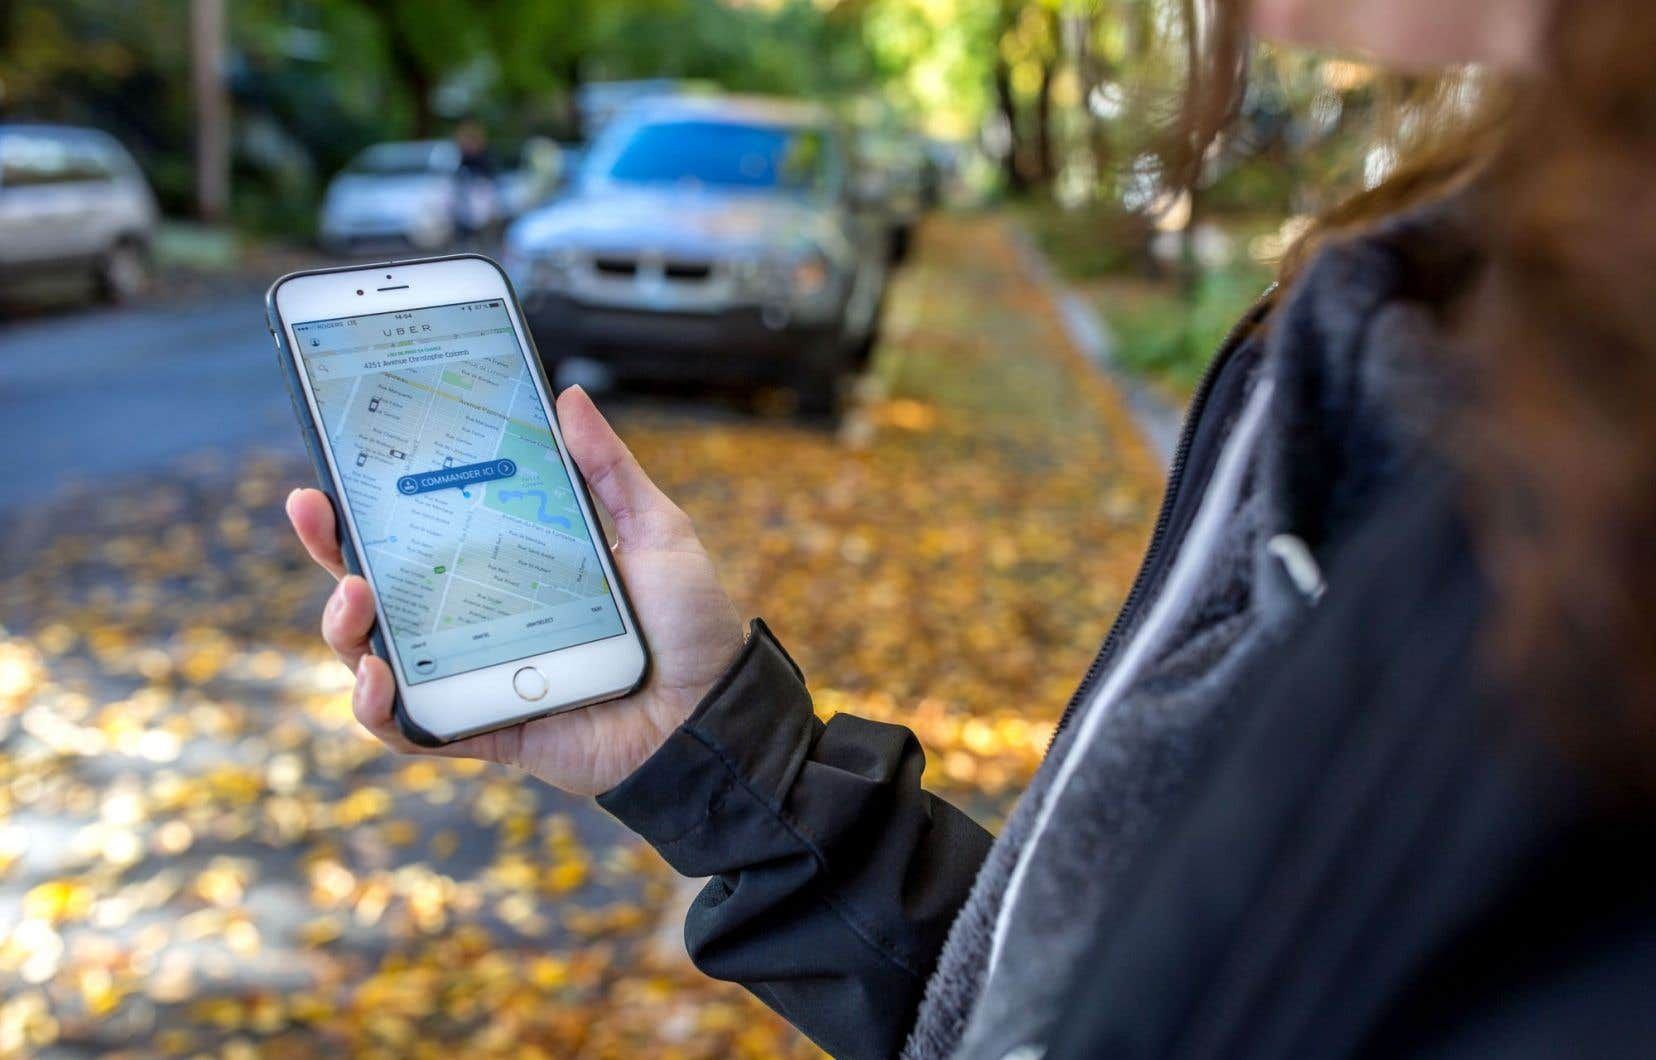 Les changements apportés au projet pilote, qui devait se terminer le 14octobre 2017, ont fait bondir Uber Québec. L'entreprise a évoqué sur Twitter une «nouvelle réglementation rétrograde qui favorise les anciennes politiques plutôt que d'intégrer les avantages des nouvelles technologies».